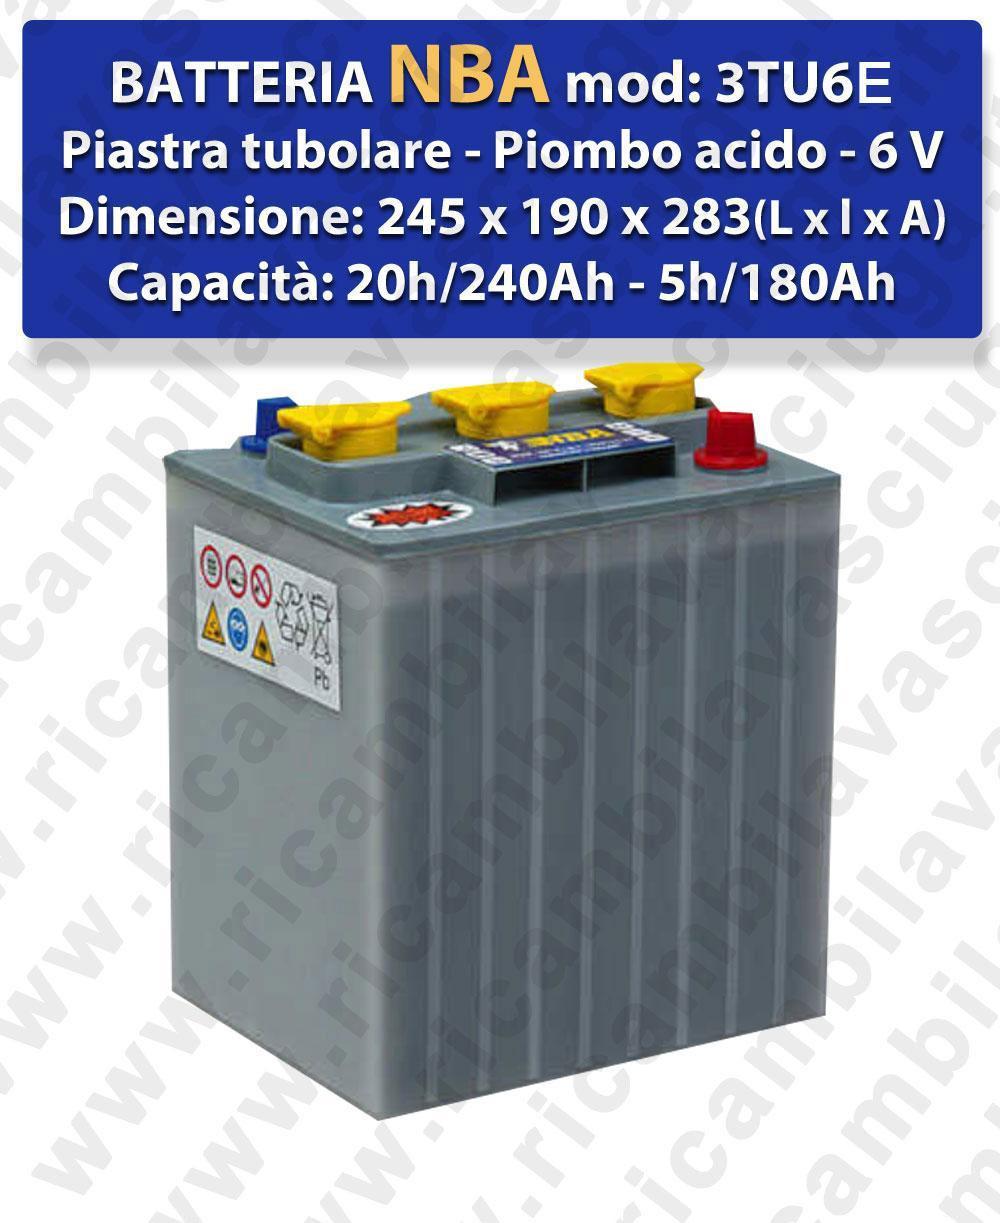 3TU6E Blei Batterie 6V 240Ah 20/h NBA